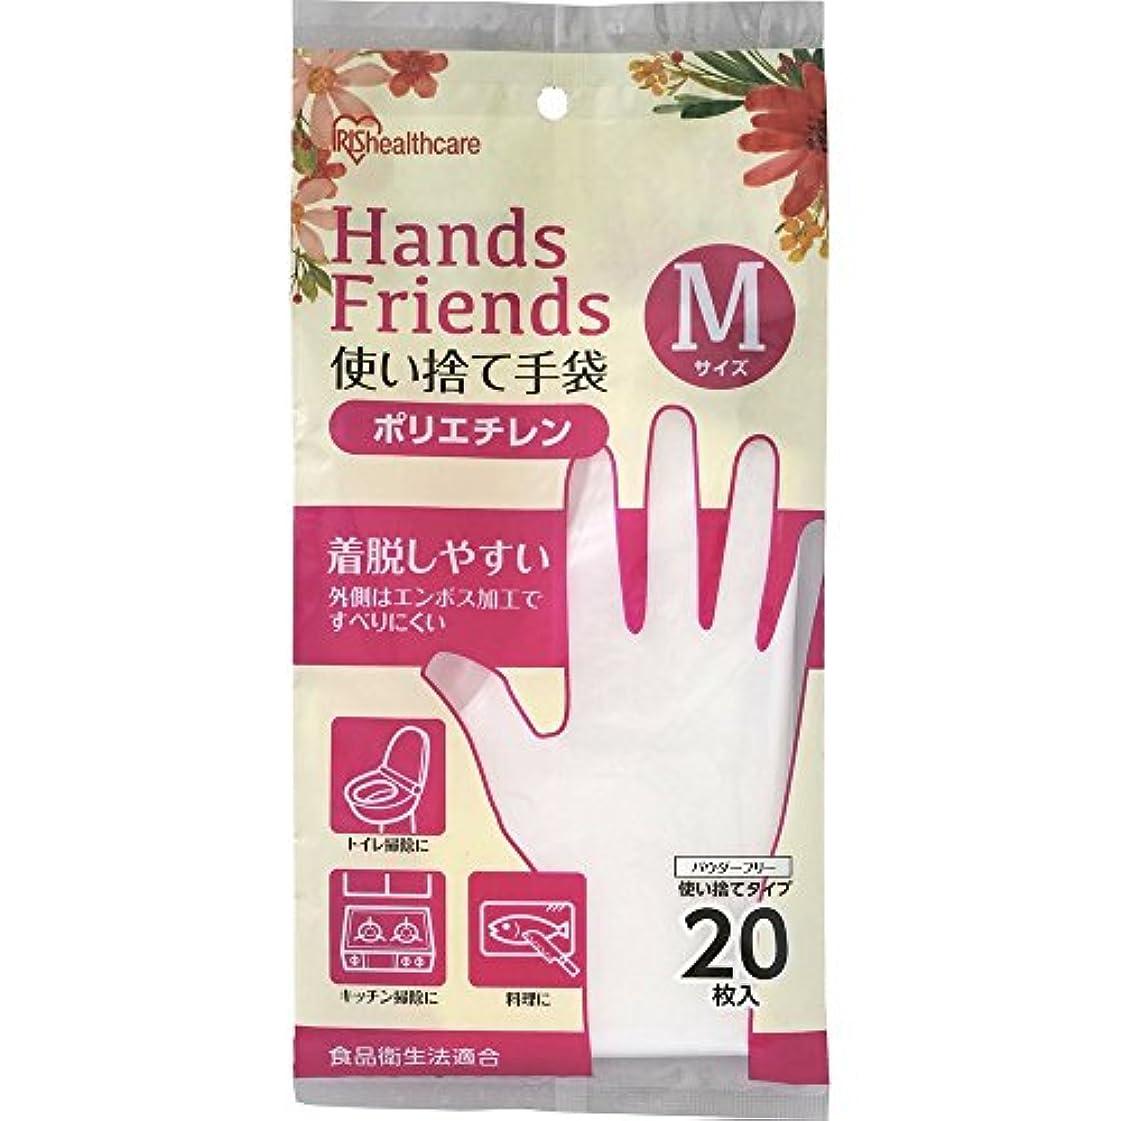 グリーンバック舌ブルーム使い捨て手袋 ポリエチレン手袋 Mサイズ 粉なし パウダーフリー クリア 20枚入